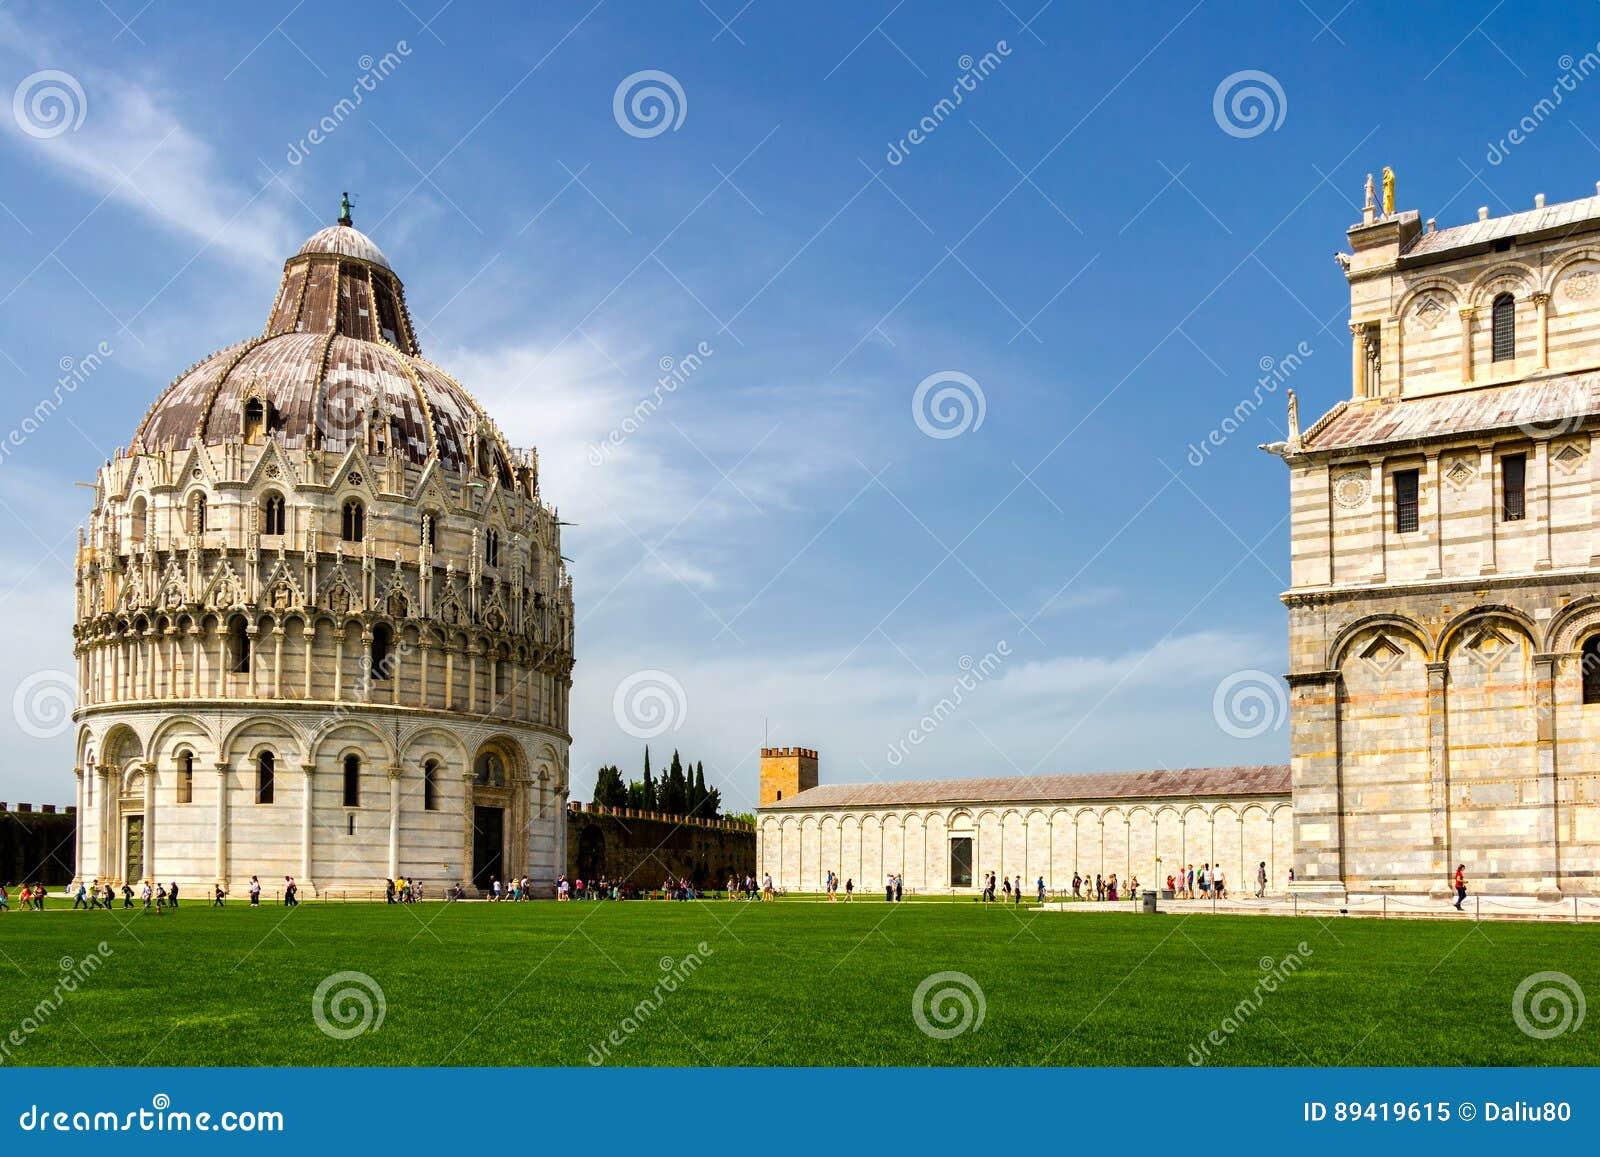 Καθεδρικός ναός της Πίζας (Di Πίζα Duomo) με τον κλίνοντας πύργο της Πίζας επάνω